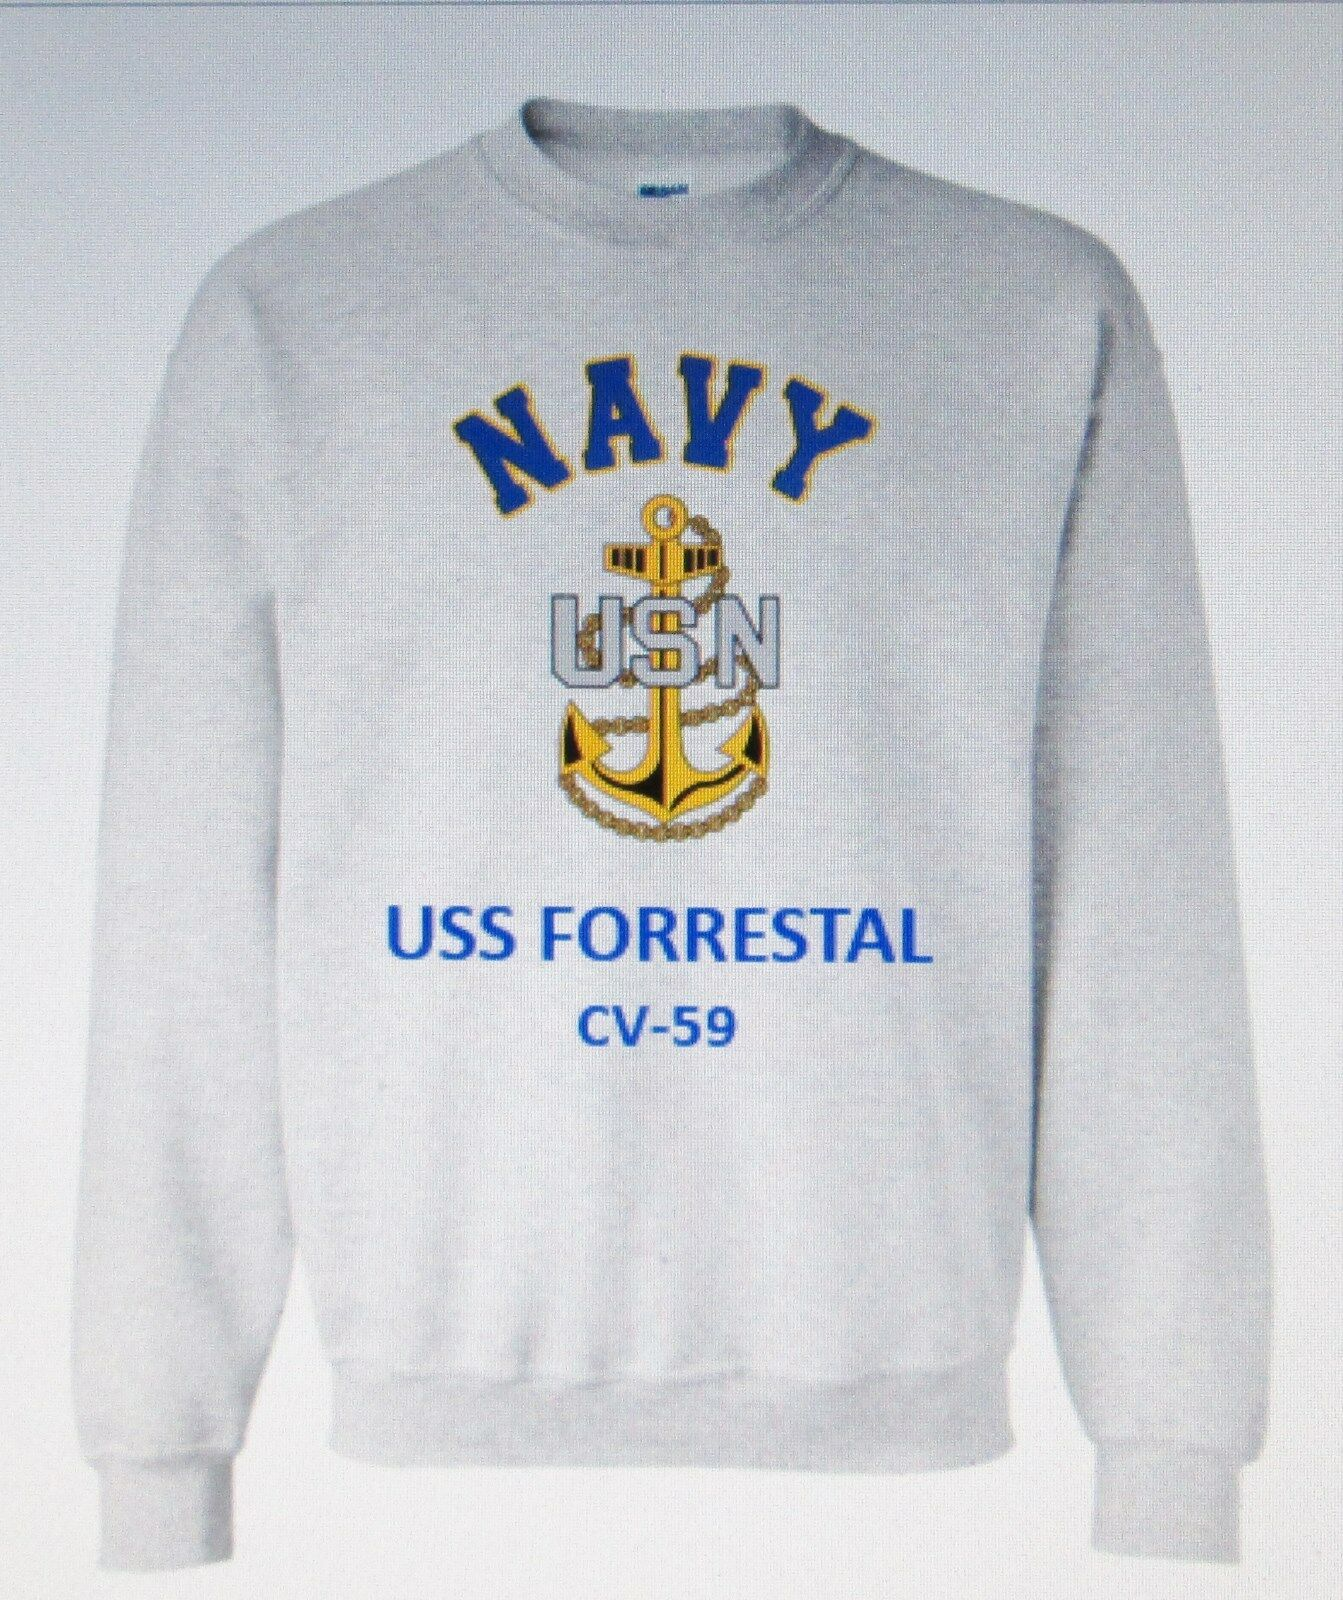 USS FORRESTAL  CV-59 AIRCRAFT CARRIER NAVY ANCHOR EMBLEM SWEATSHIRT